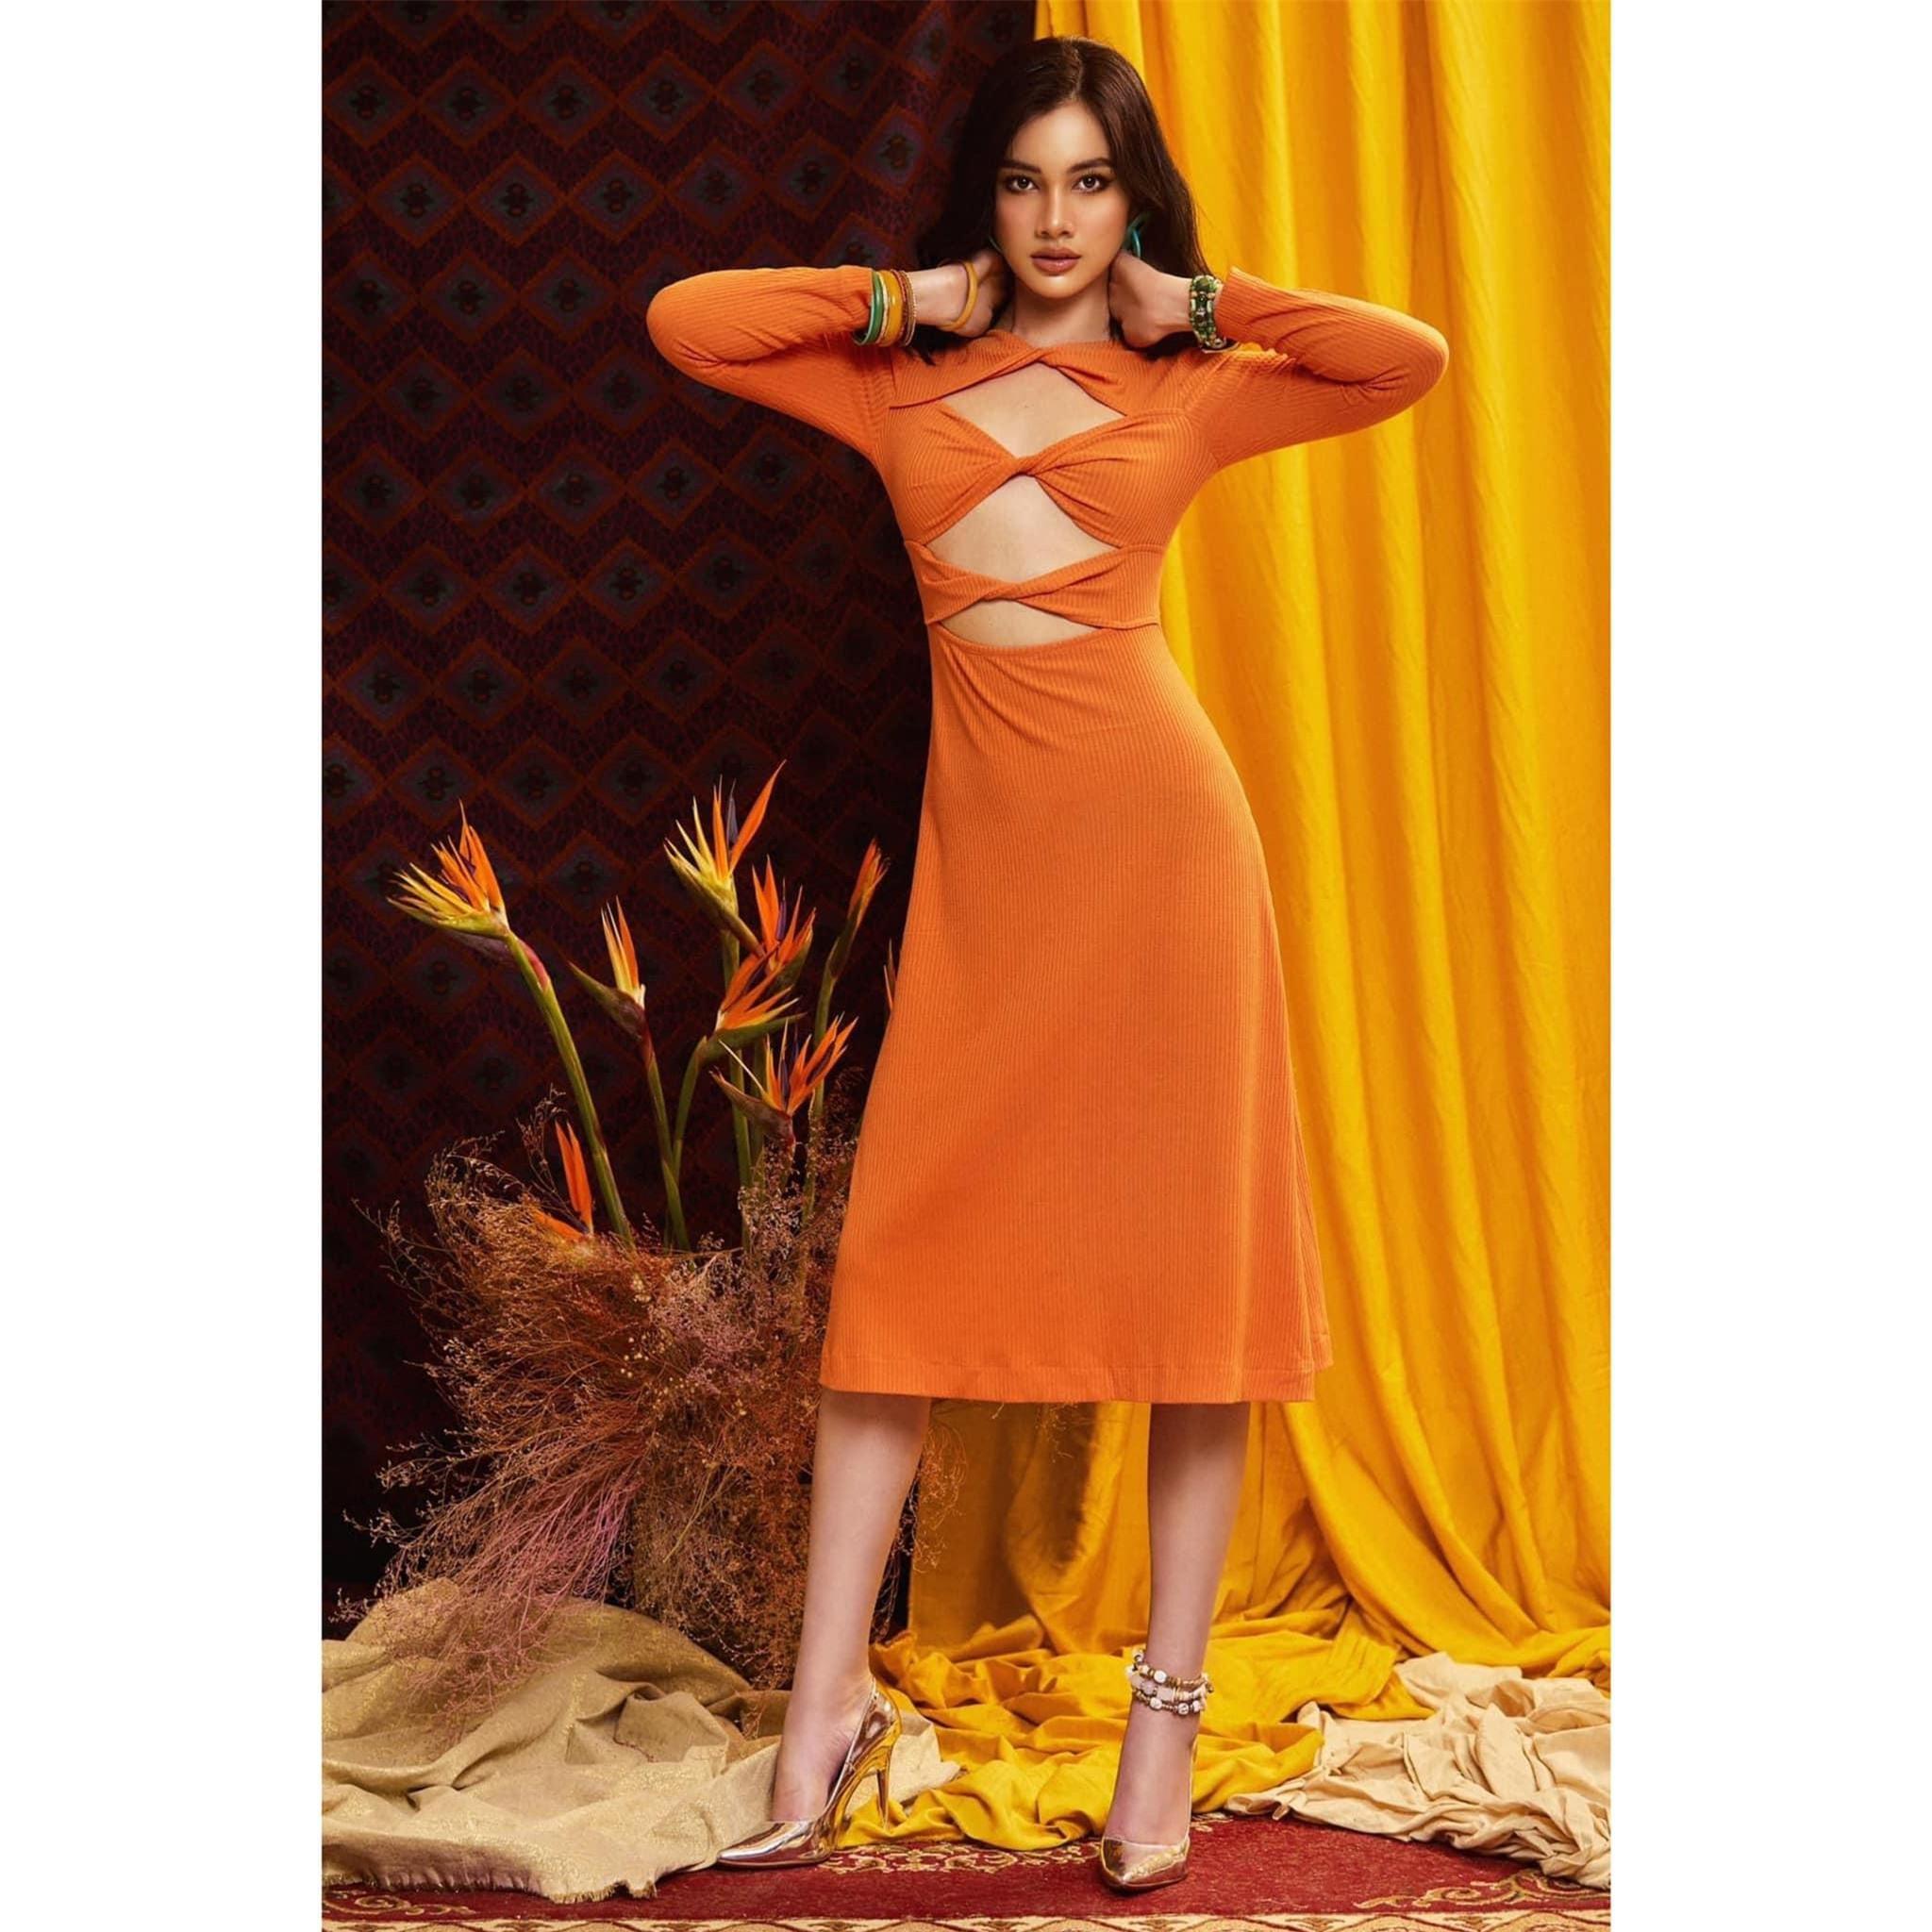 Người đẹp Cẩm Đan diện váy cắt xẻ lạ mắt khoe trọn đường cong nóng bỏng ảnh 2